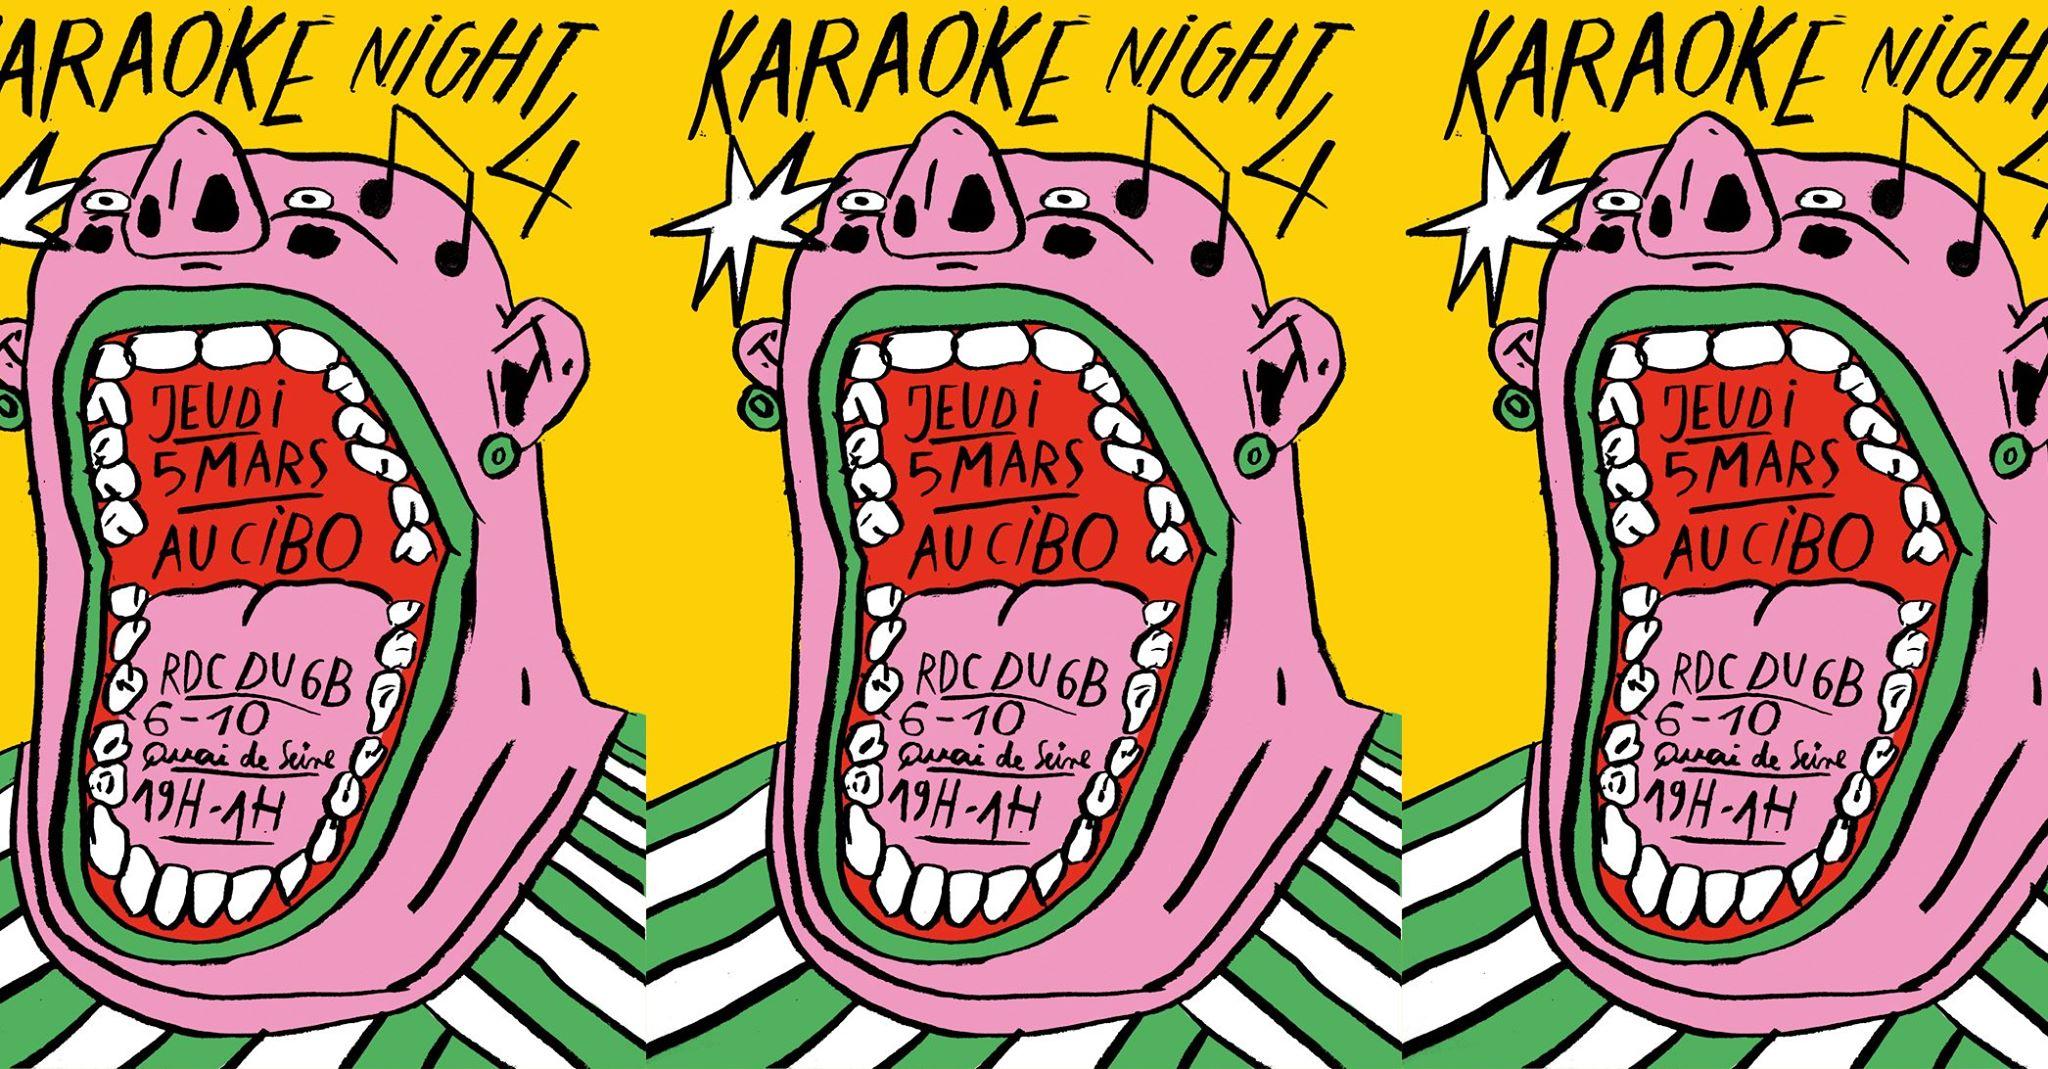 Cibo Karaoke